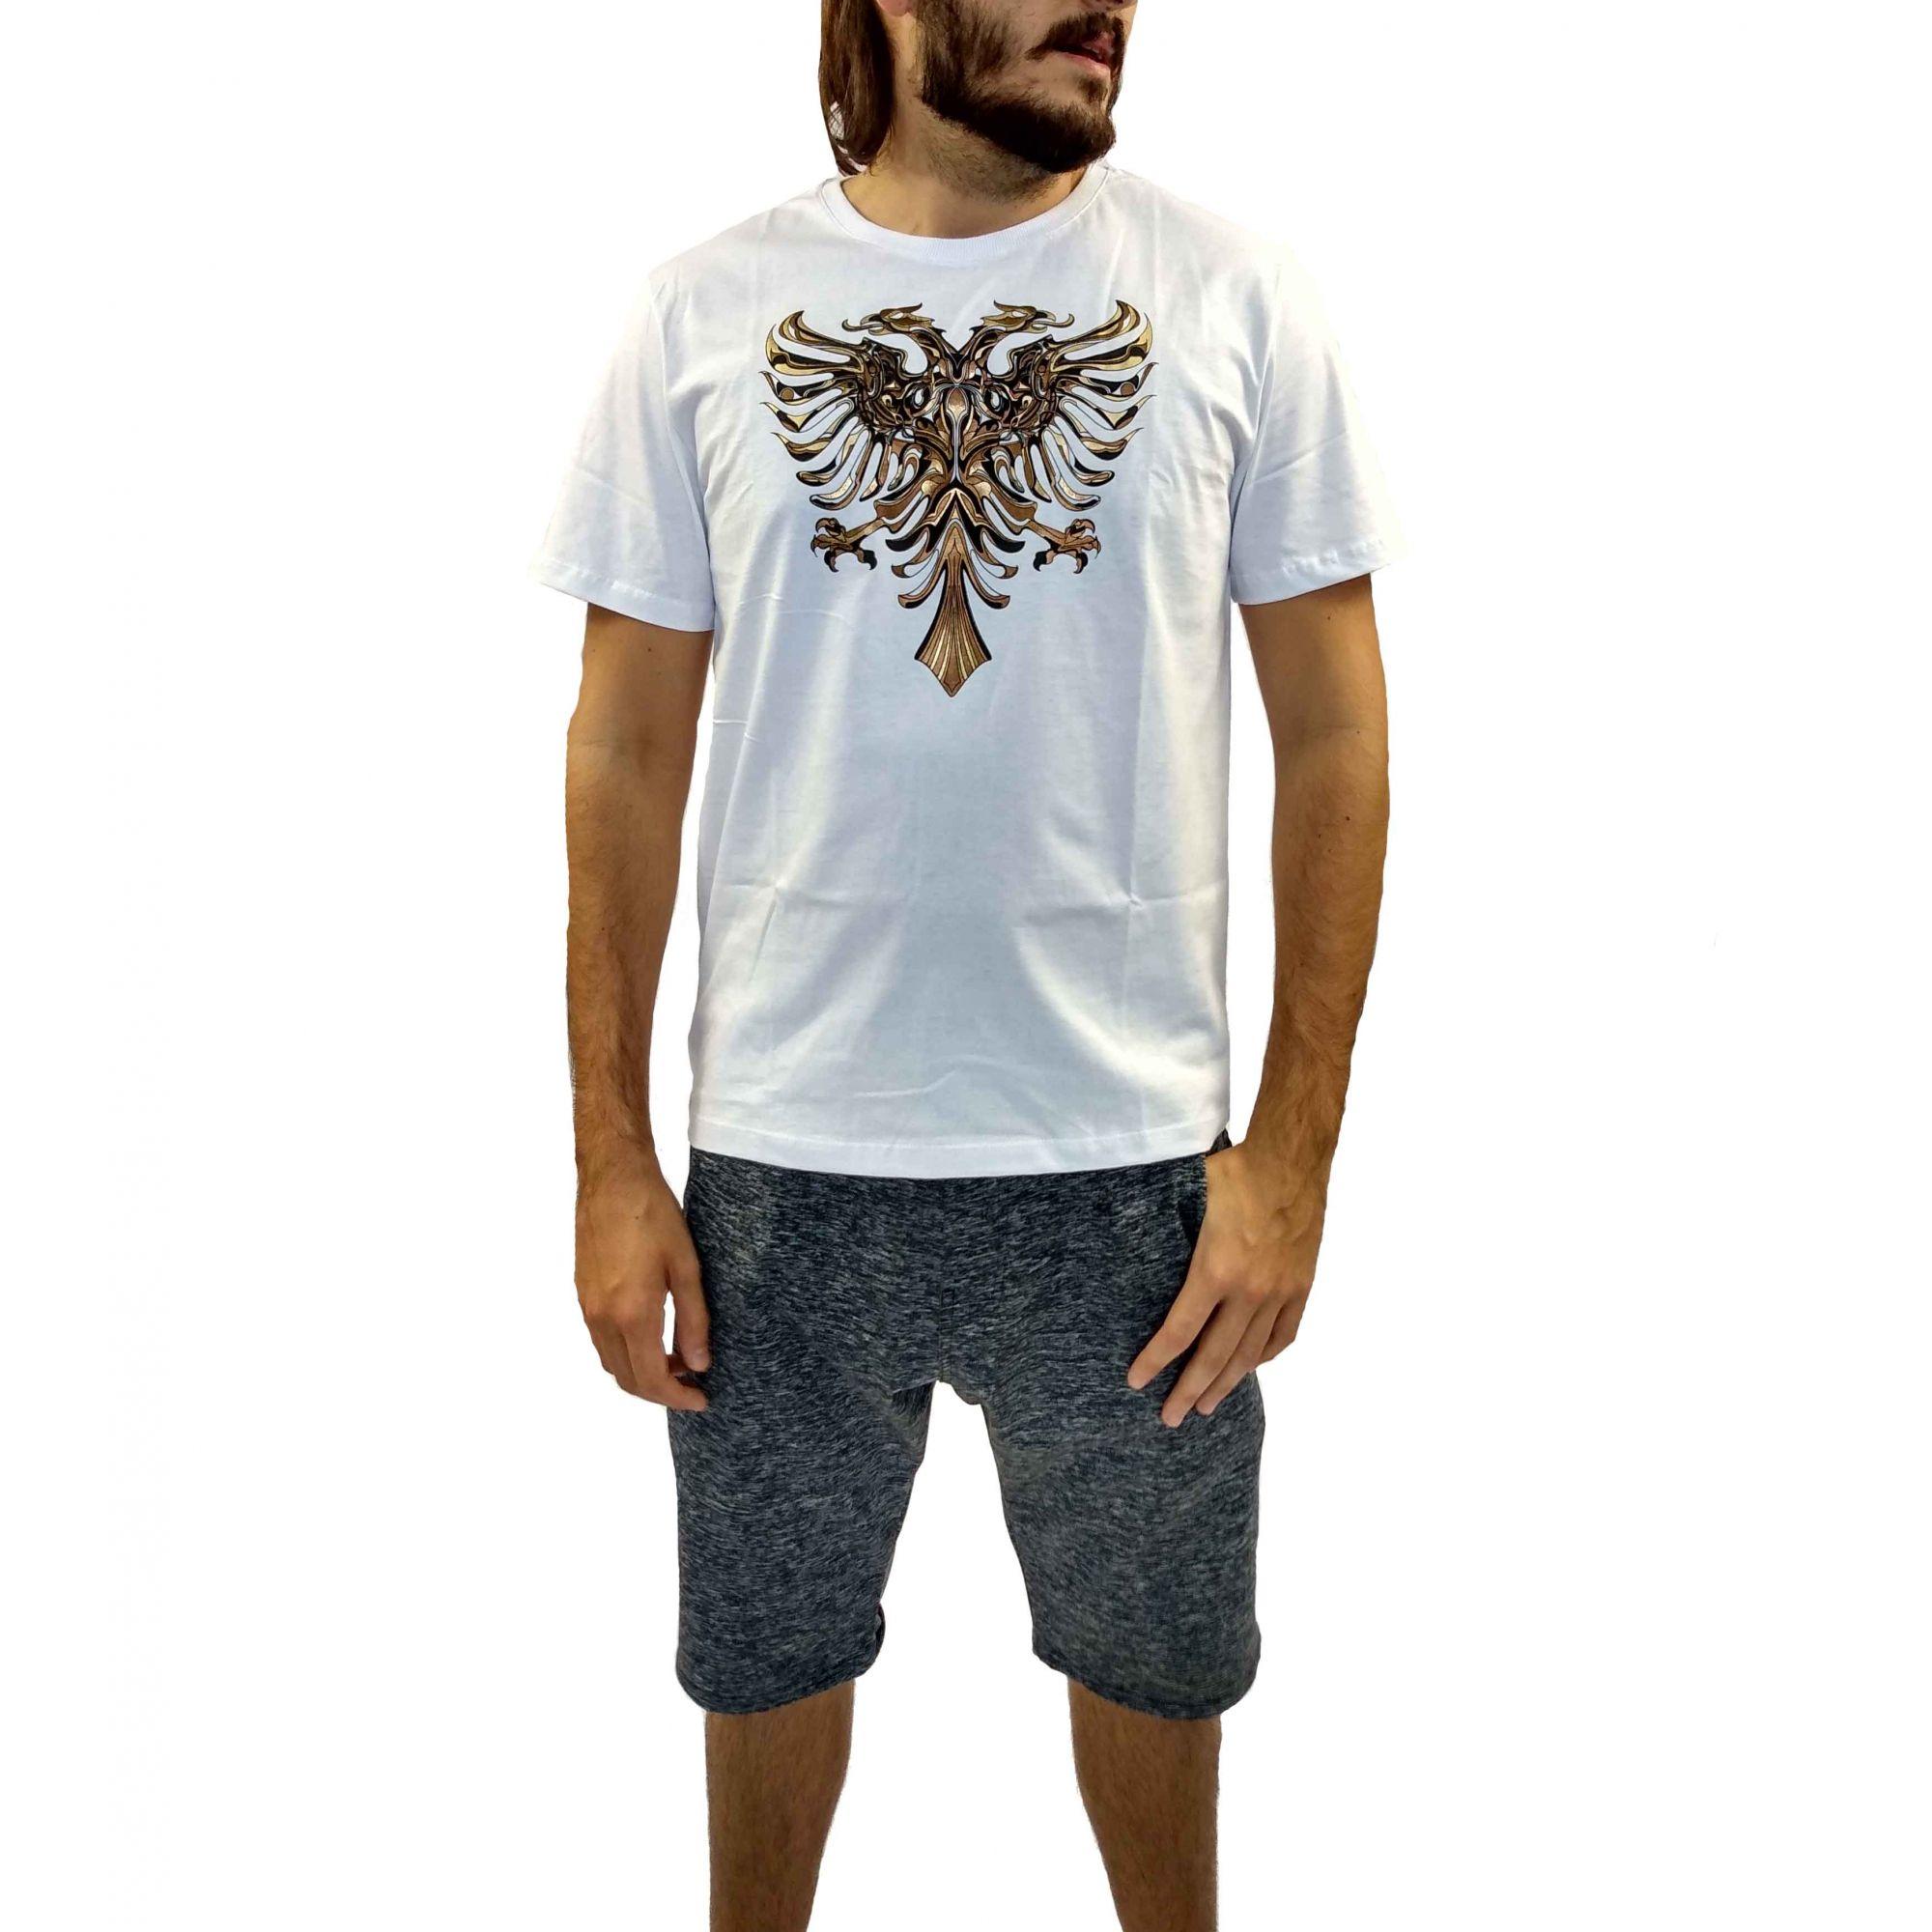 Camiseta Cavalera Masculina Águia Dourada